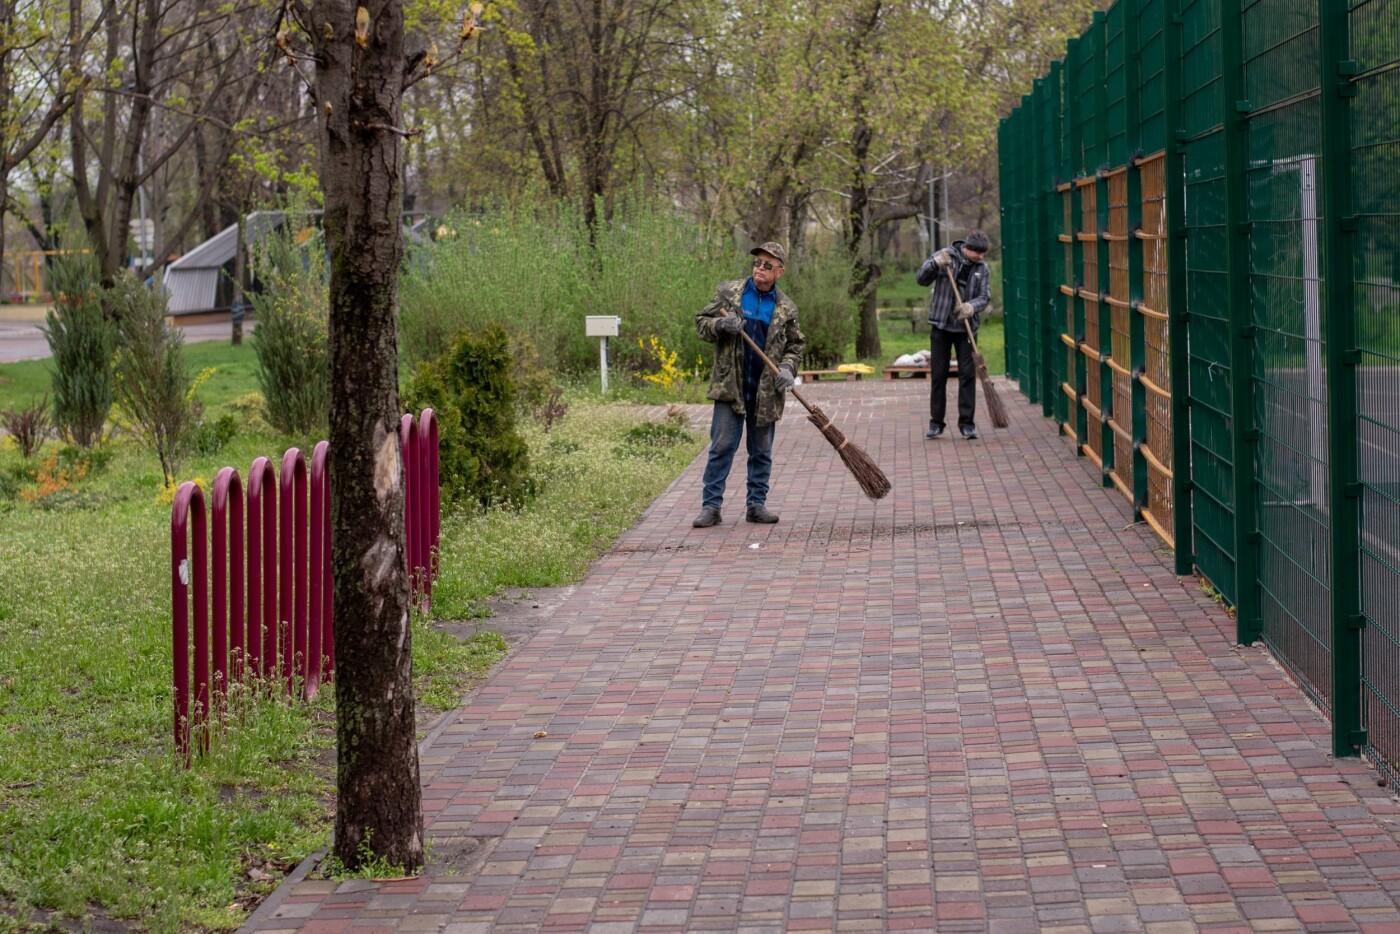 Развлекательная программа, конкурсы и квесты: центральный парк Каменского готовят к открытию, фото-2